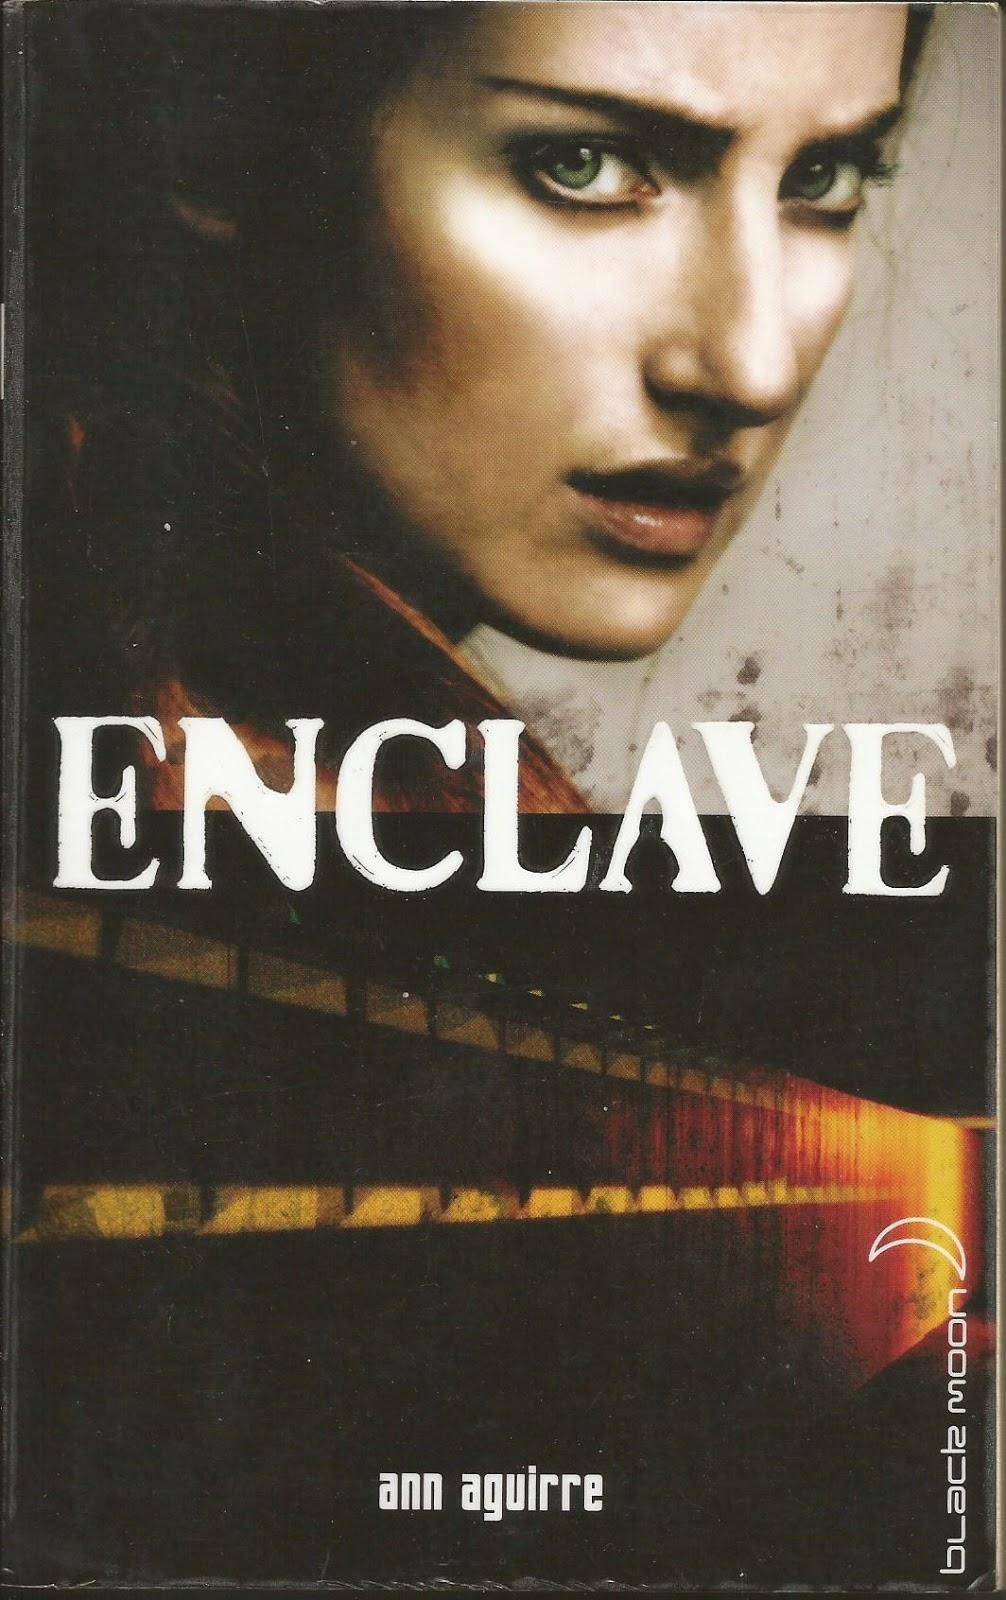 ENCLAVE 1 Ann Aguirre cover